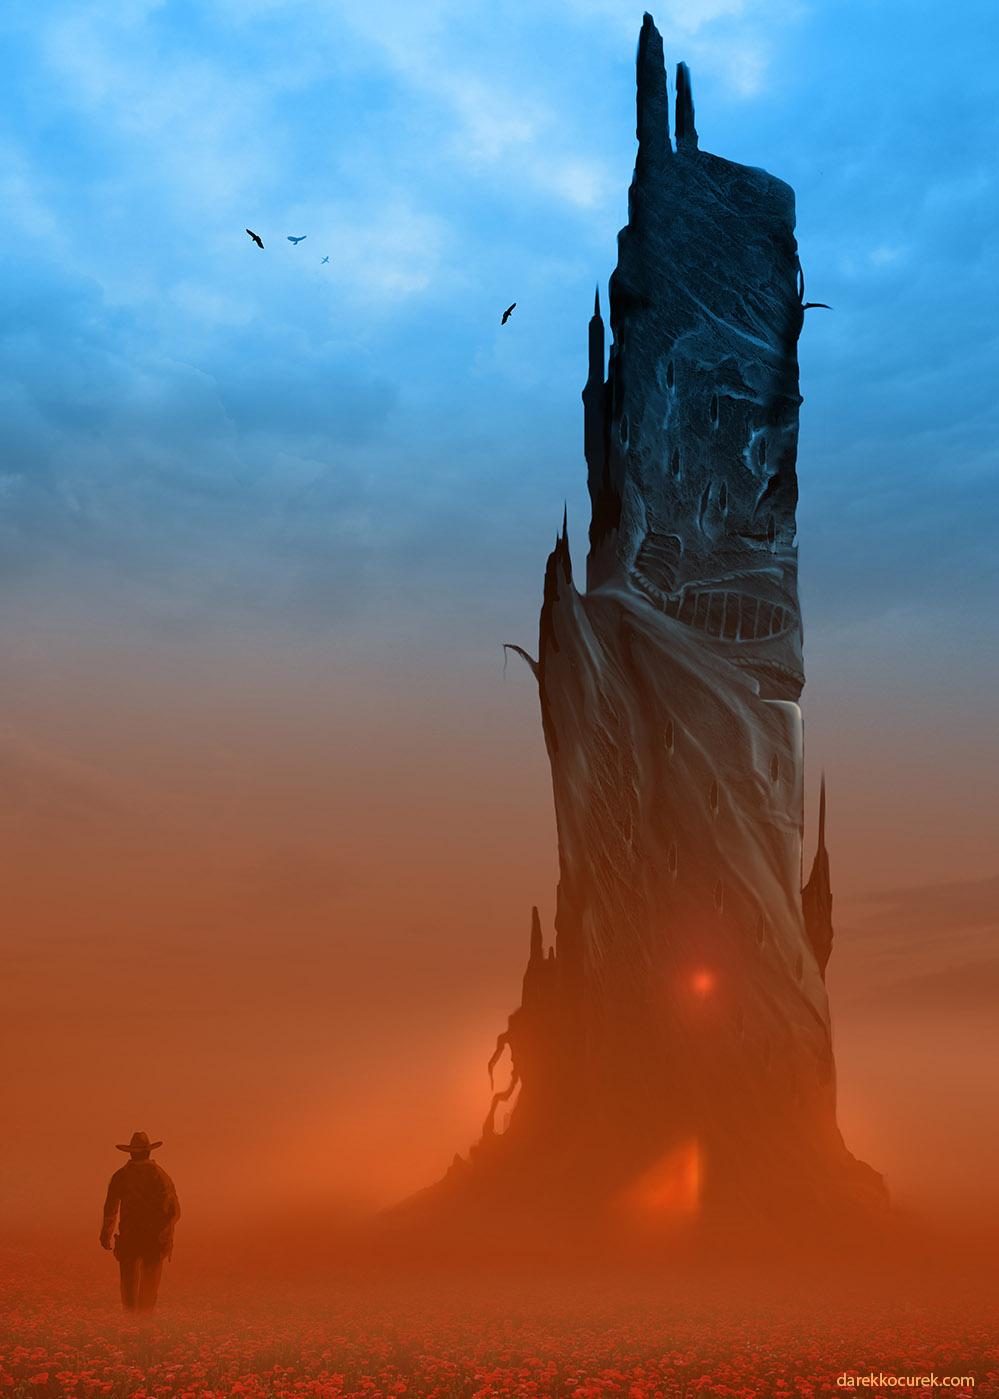 dark_tower_2019